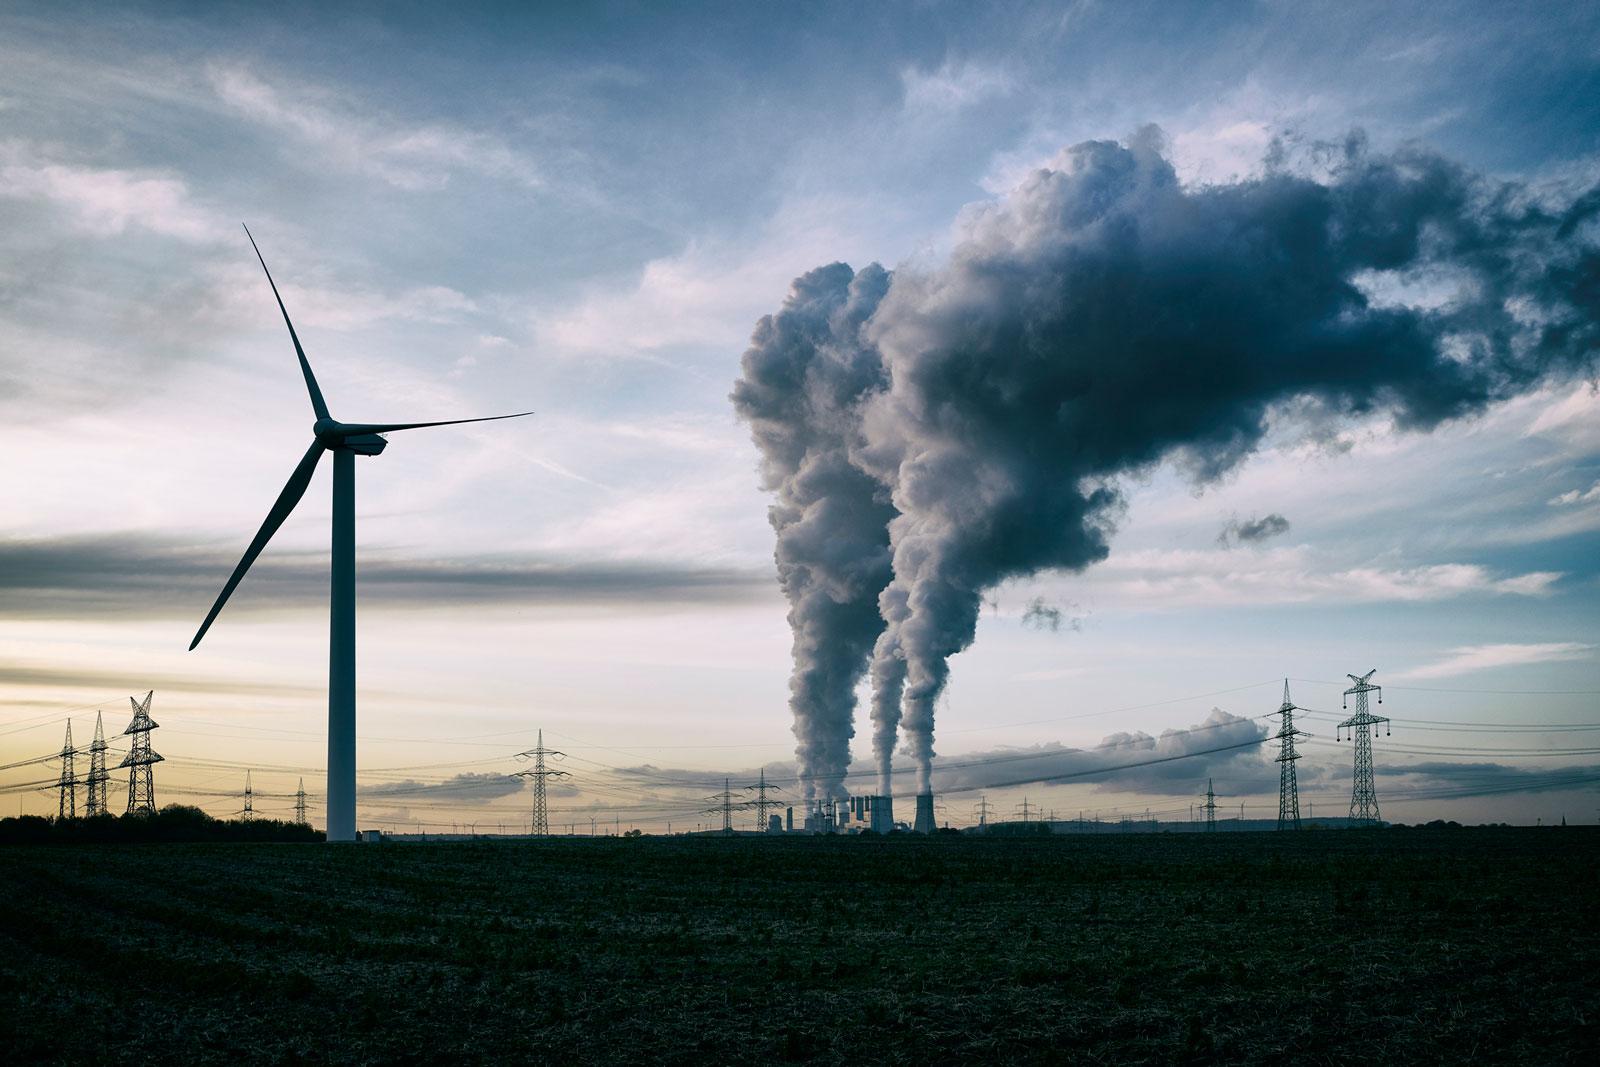 Klimaschutz heißt vor allem: weniger CO2 durch weniger Verbrennung